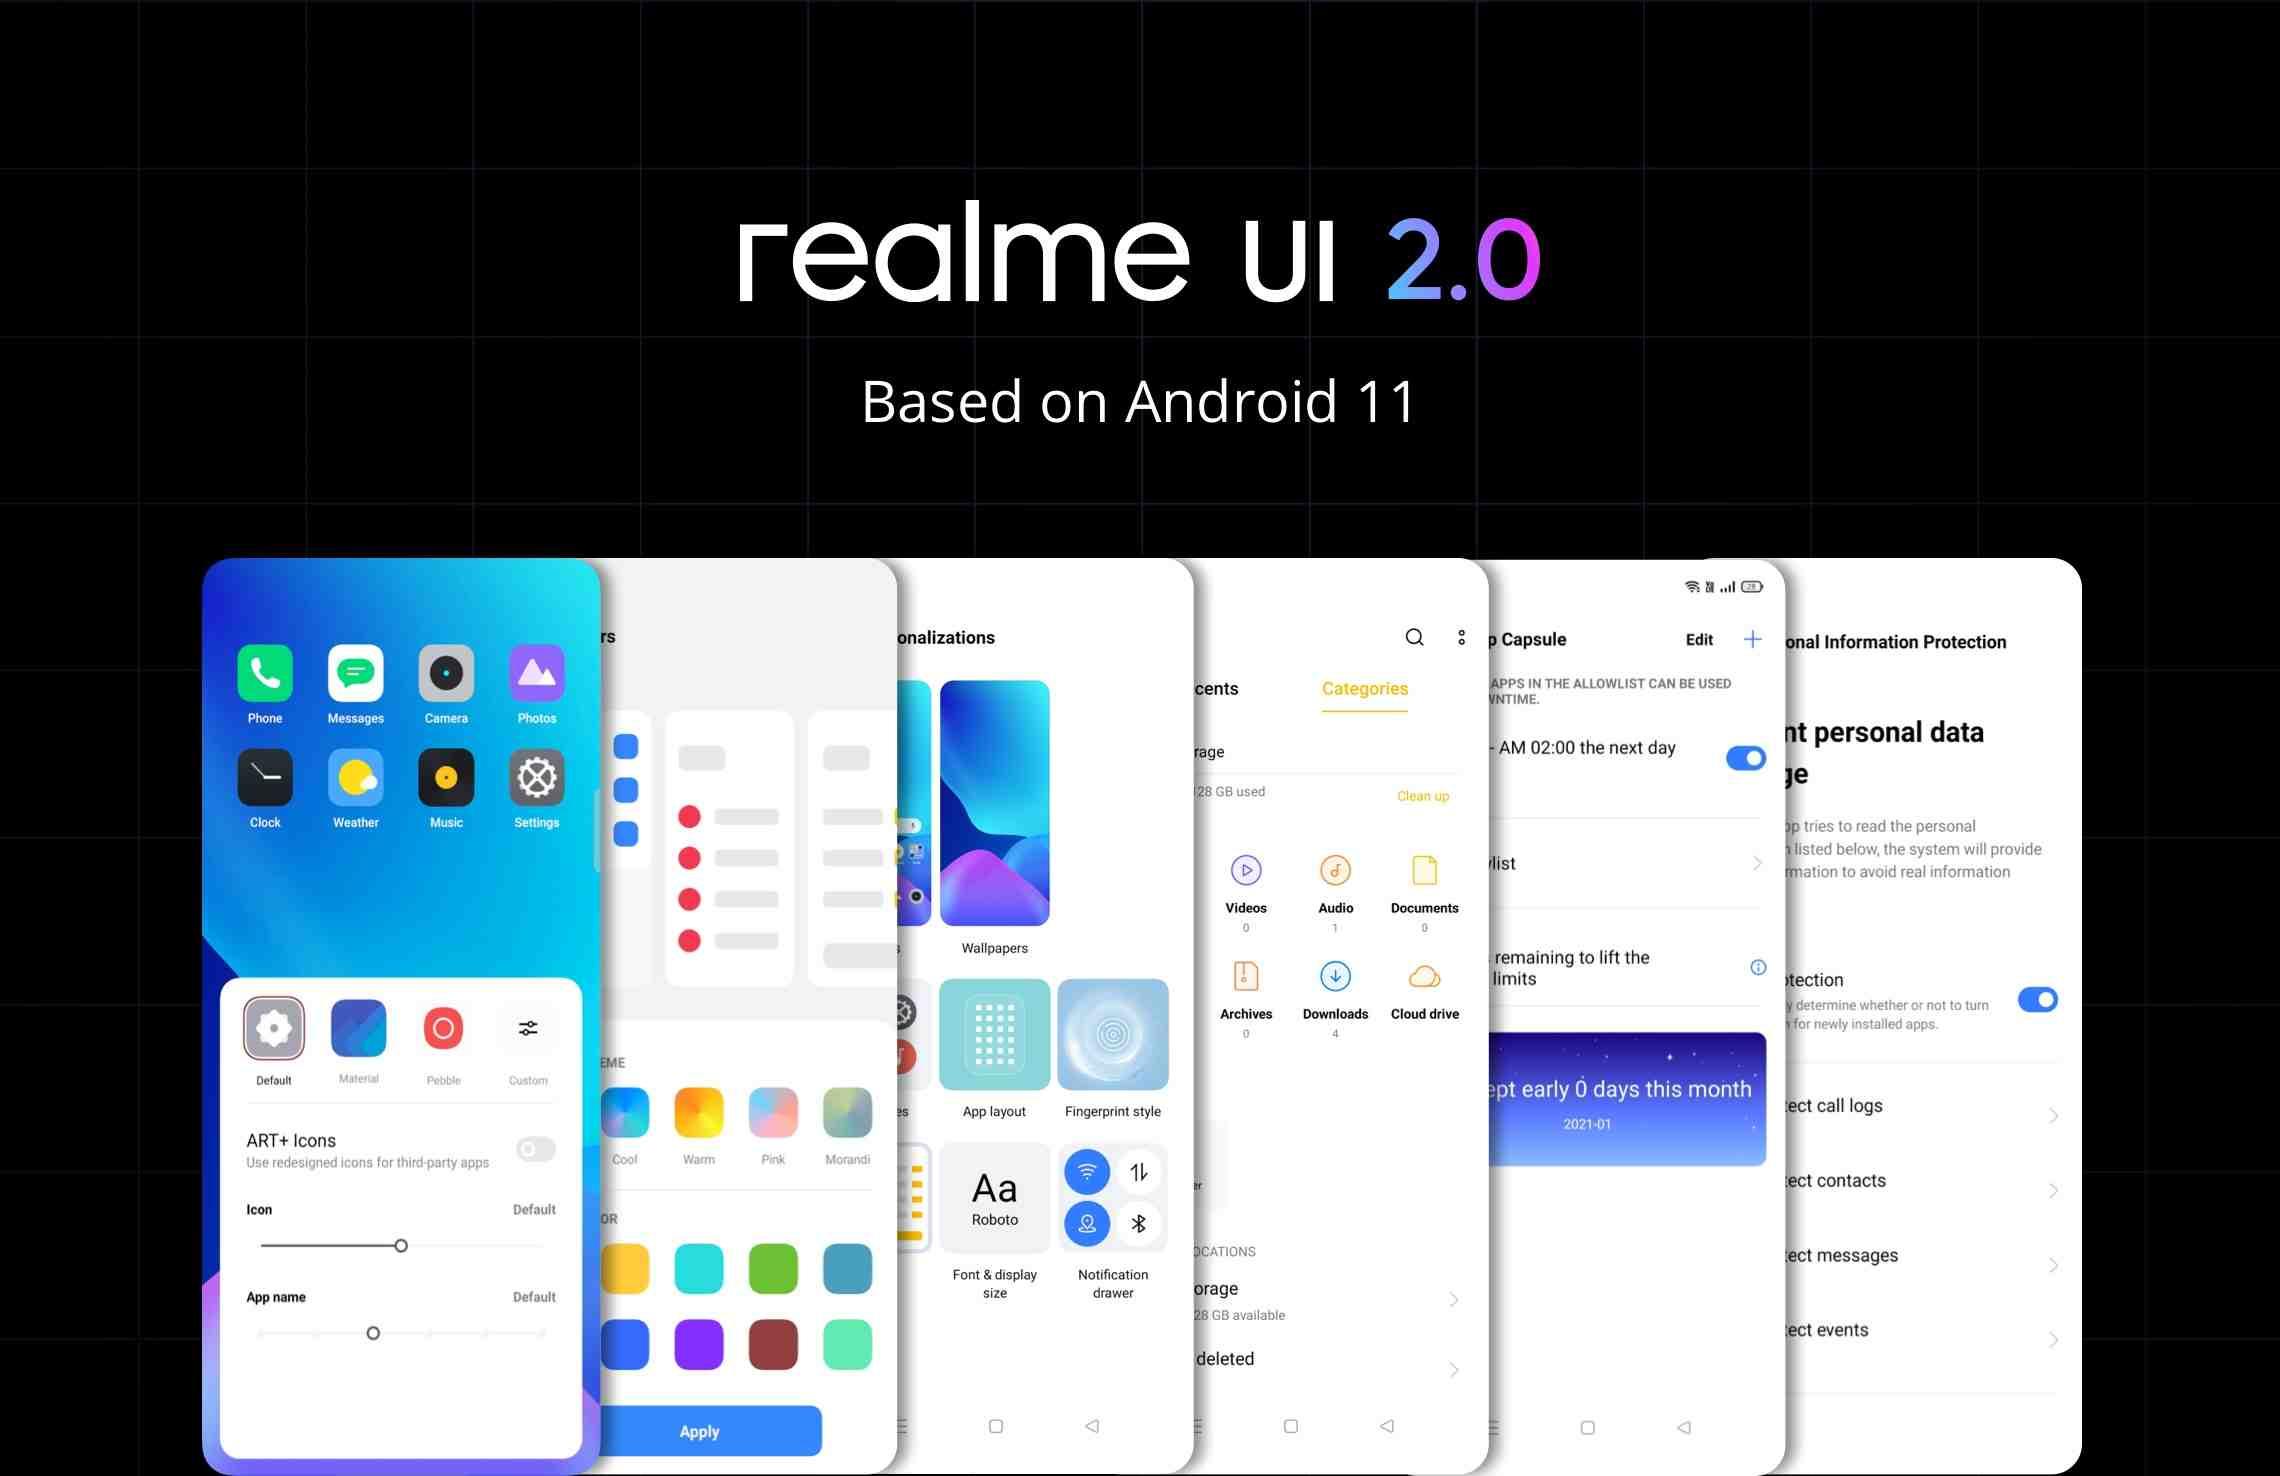 Realme UI 2.0